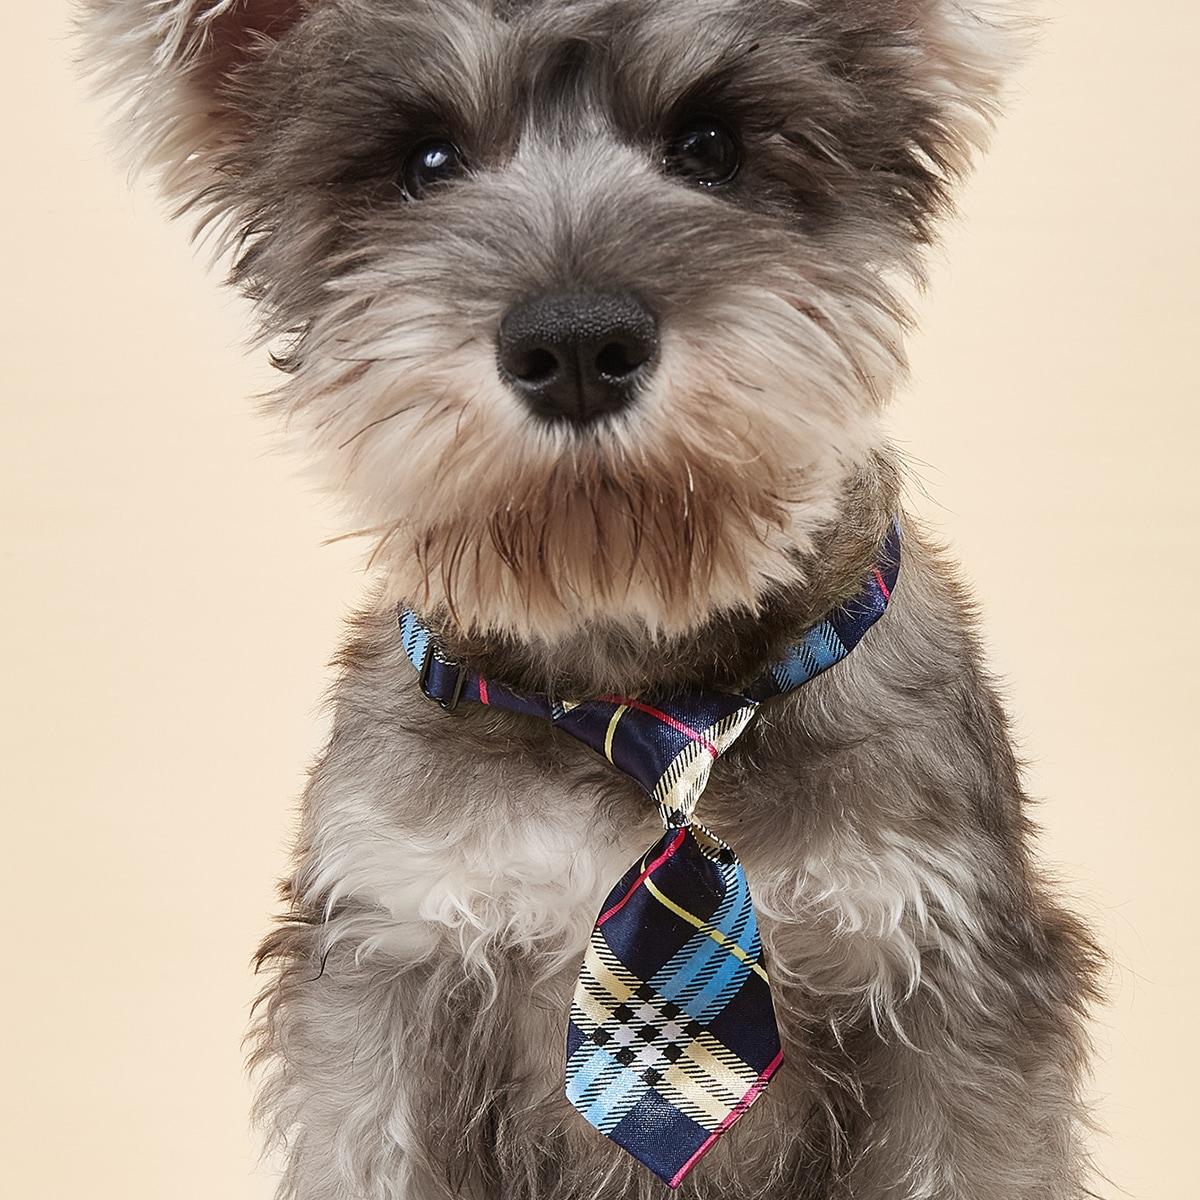 Krawatte mit Plaid Muster für Haustiere